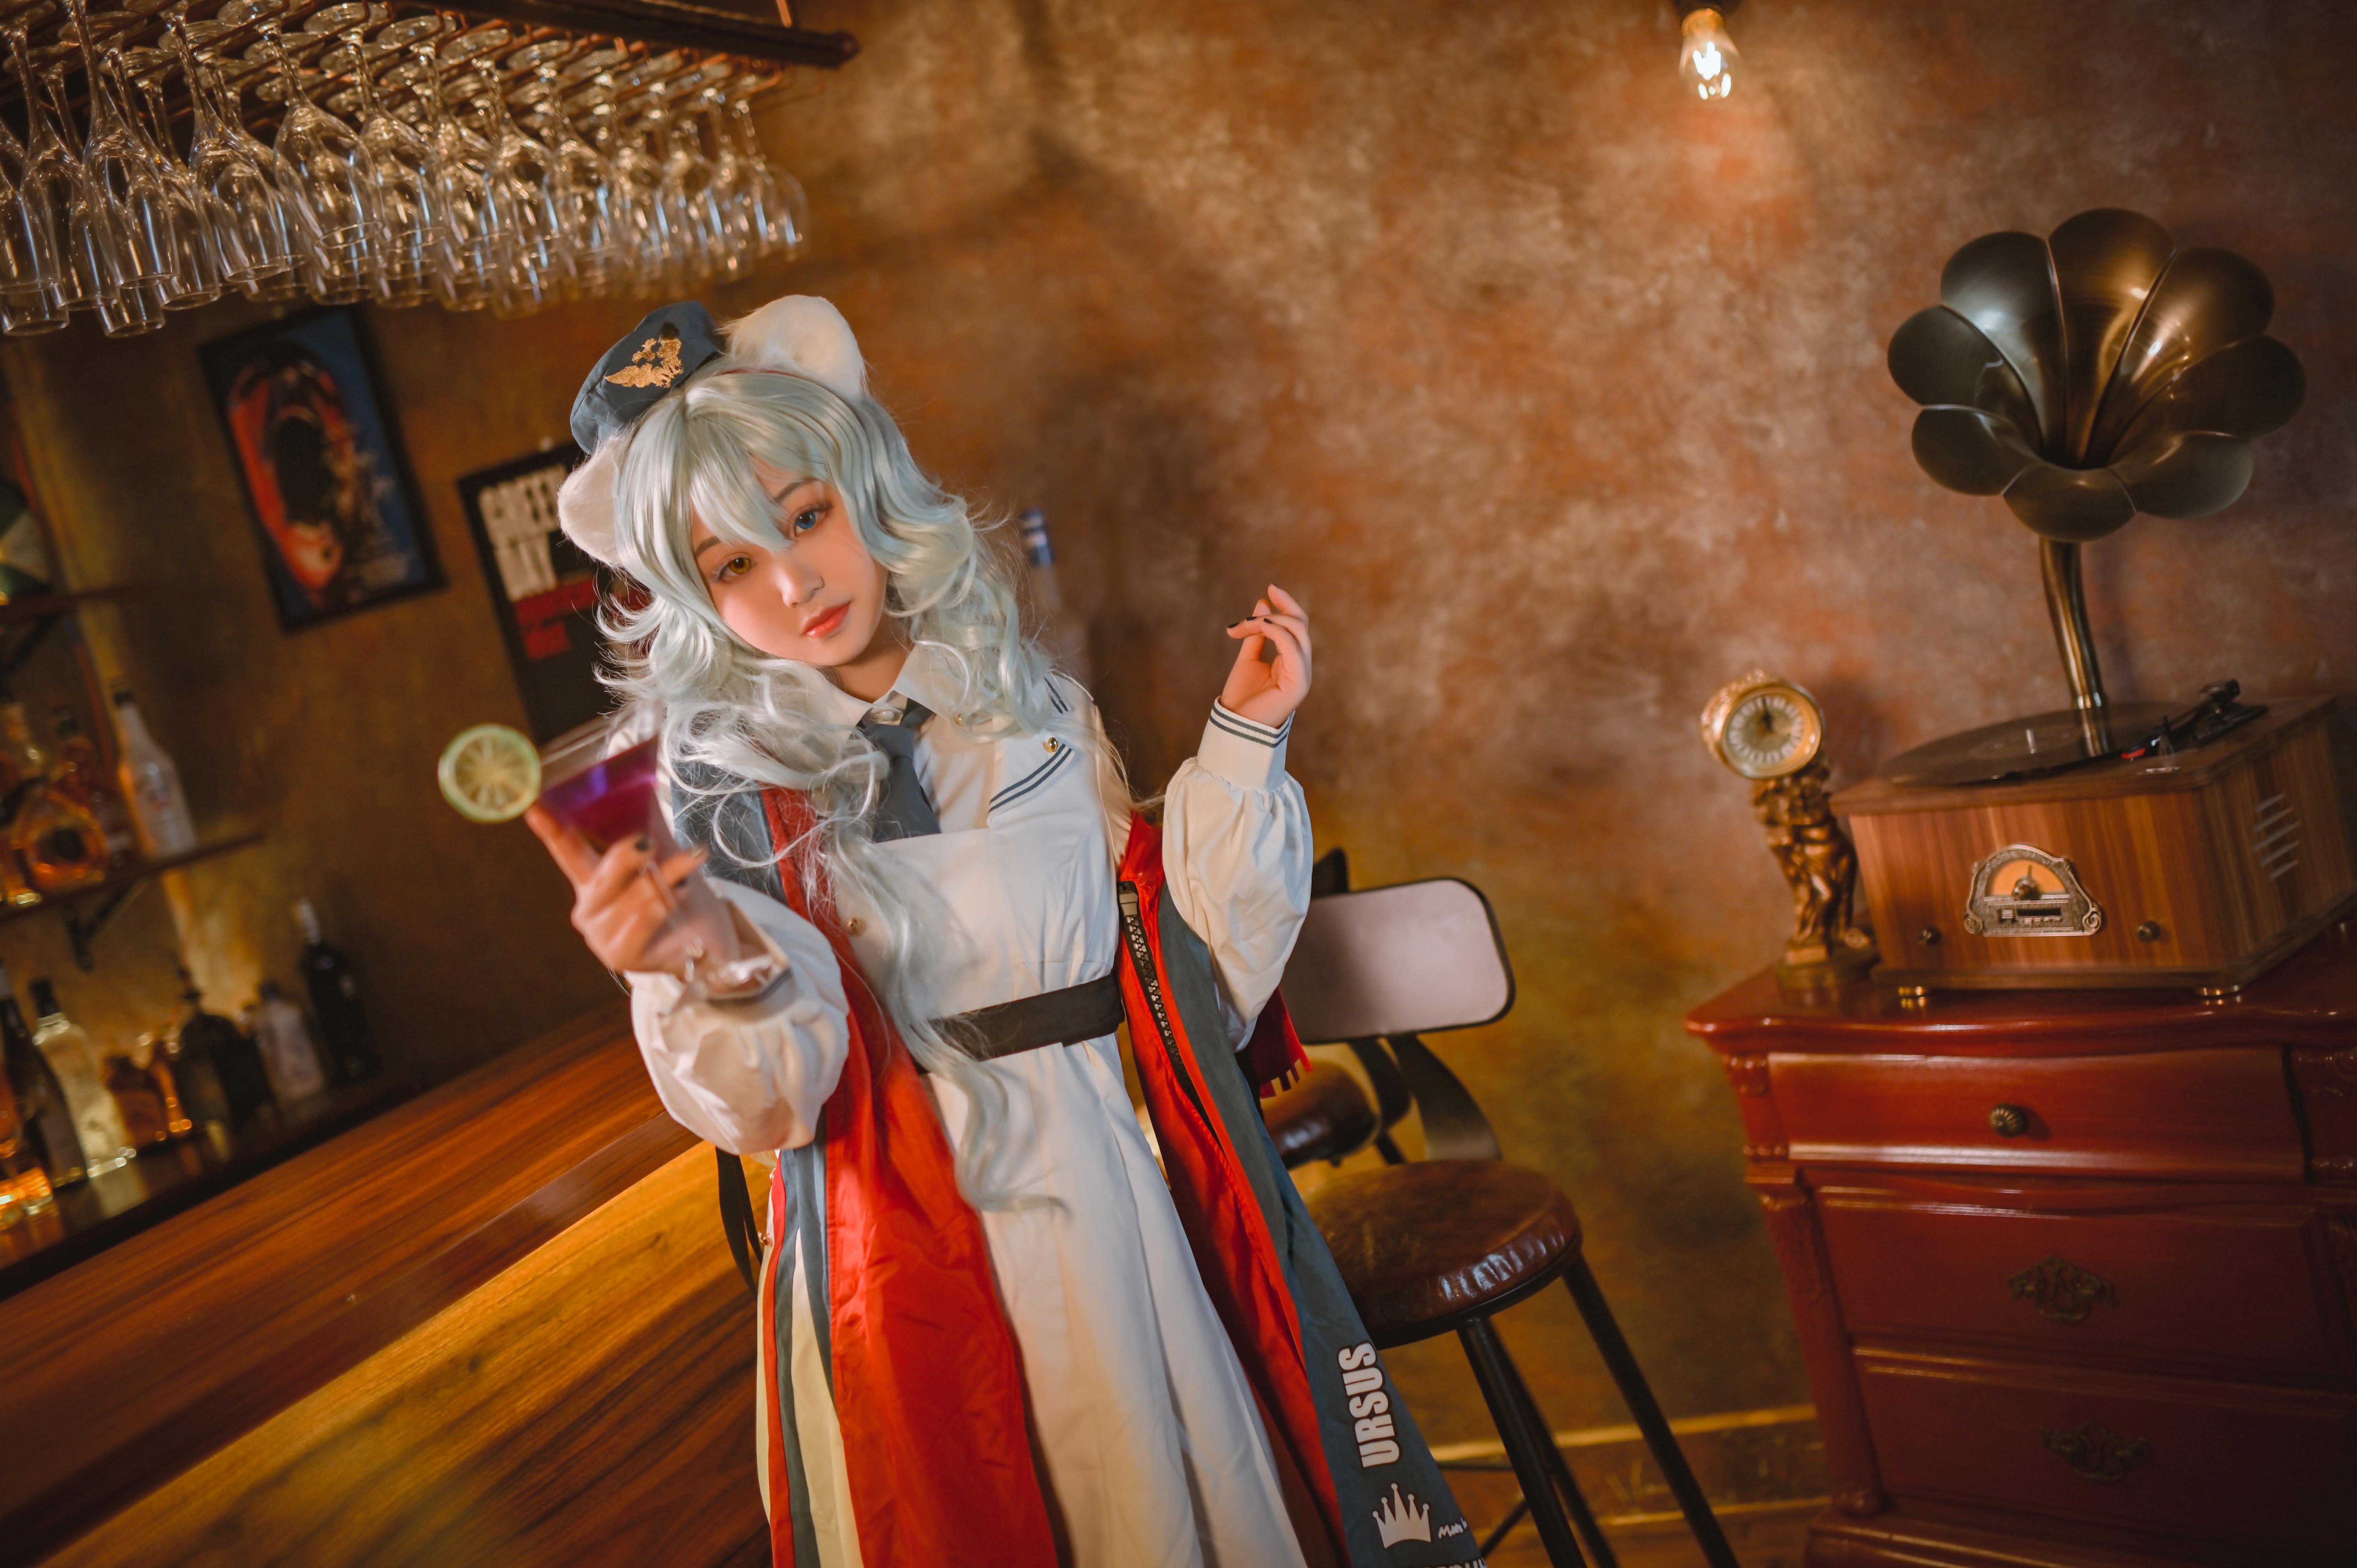 《明日方舟》正片cosplay【CN:魔法少女离酱】-第2张